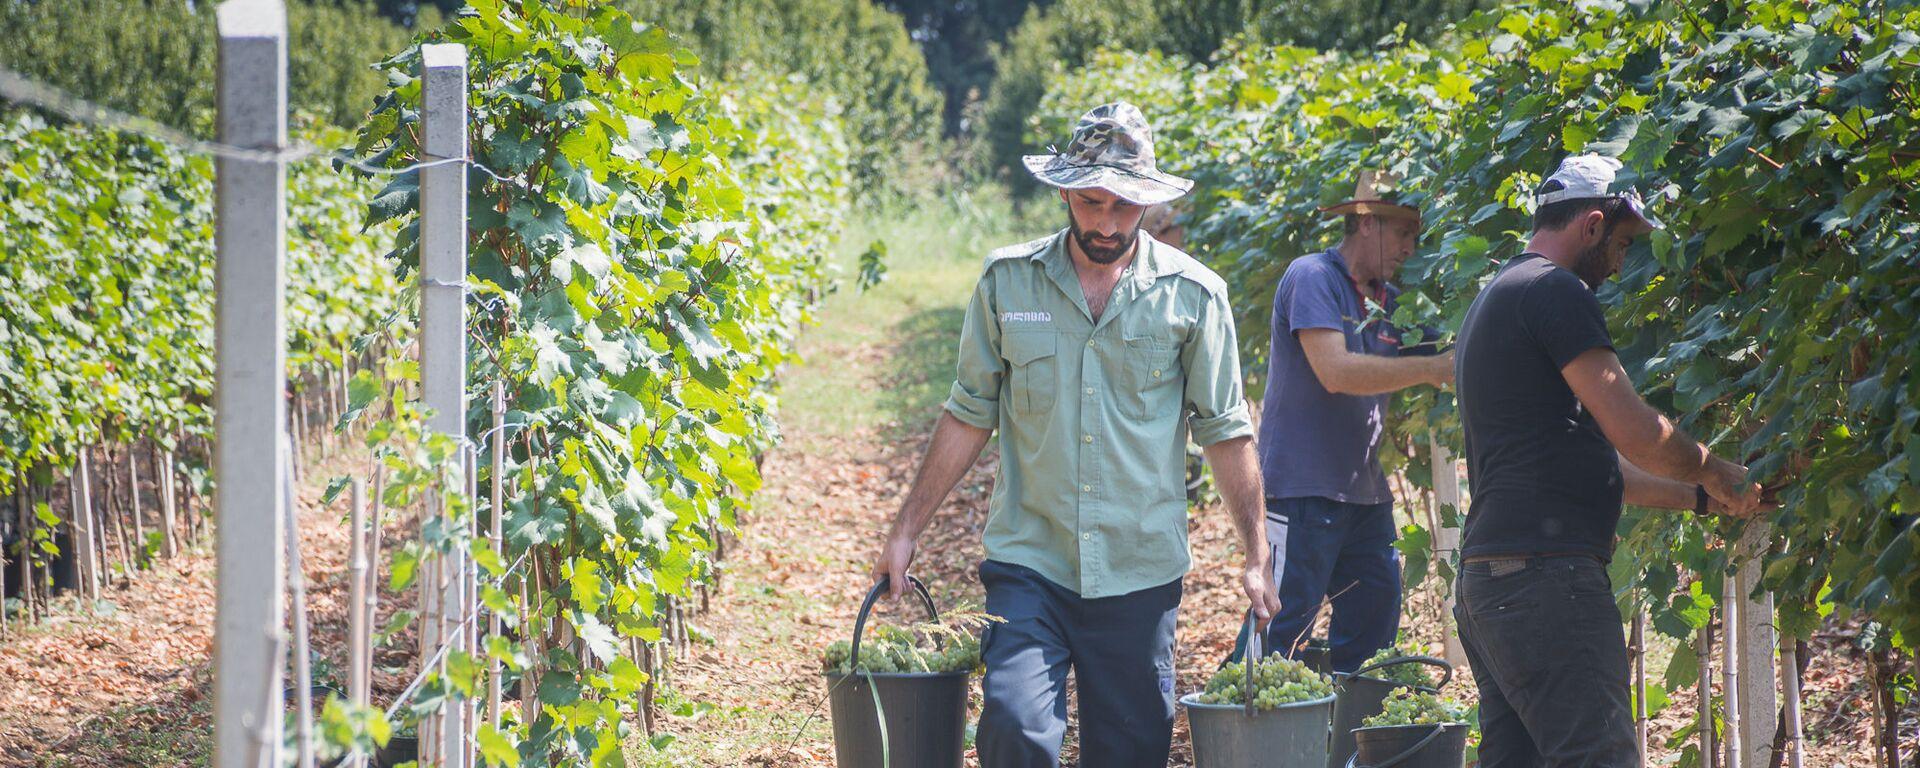 Сбор урожая винограда - Sputnik Грузия, 1920, 28.08.2021